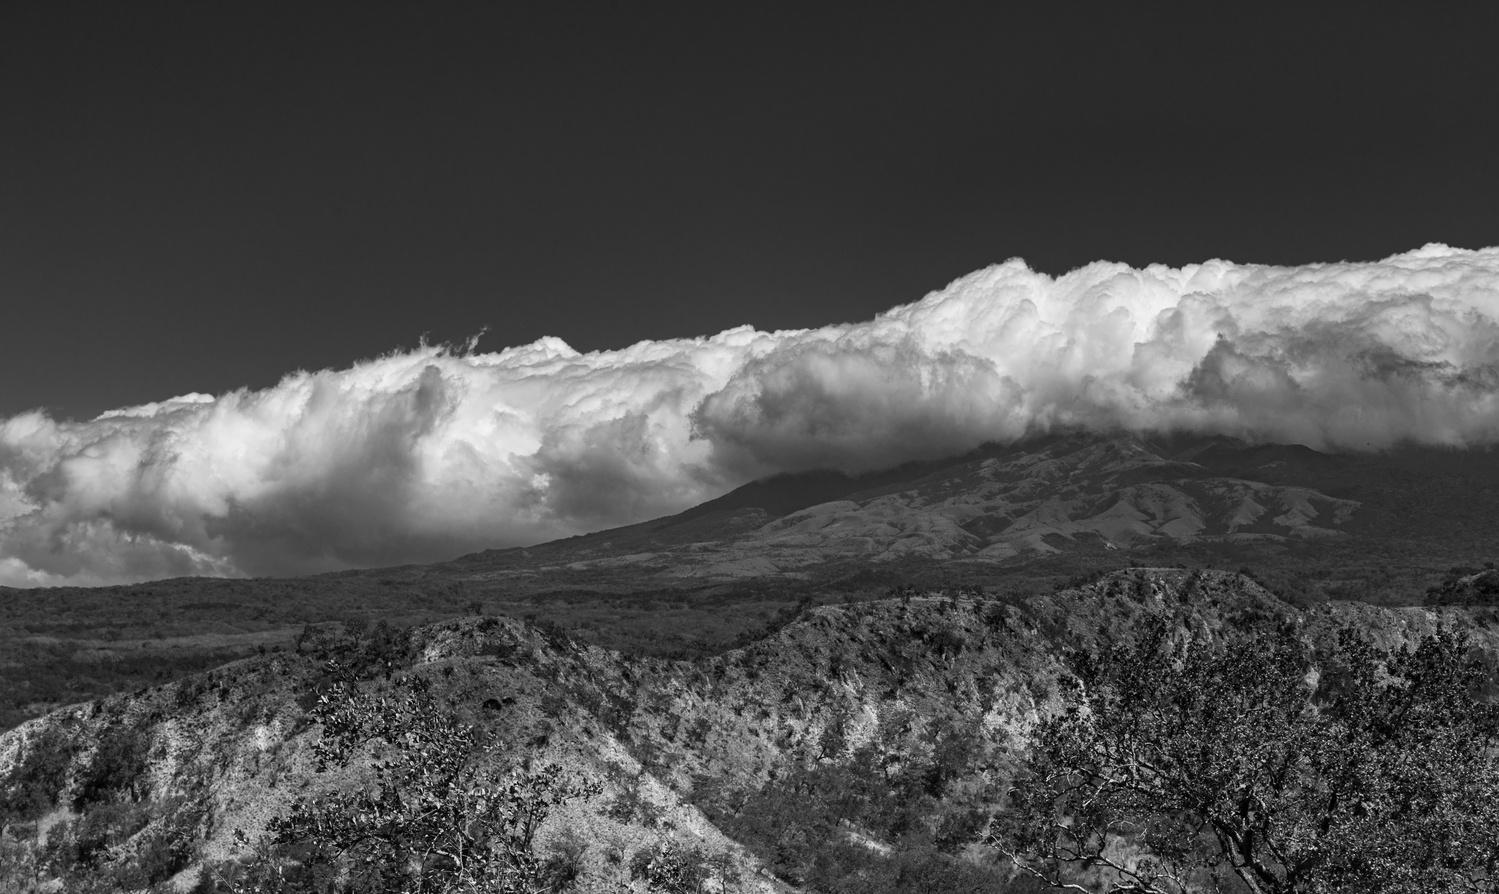 Cloud Bank over Mountain Ridge by Shawn Mahan